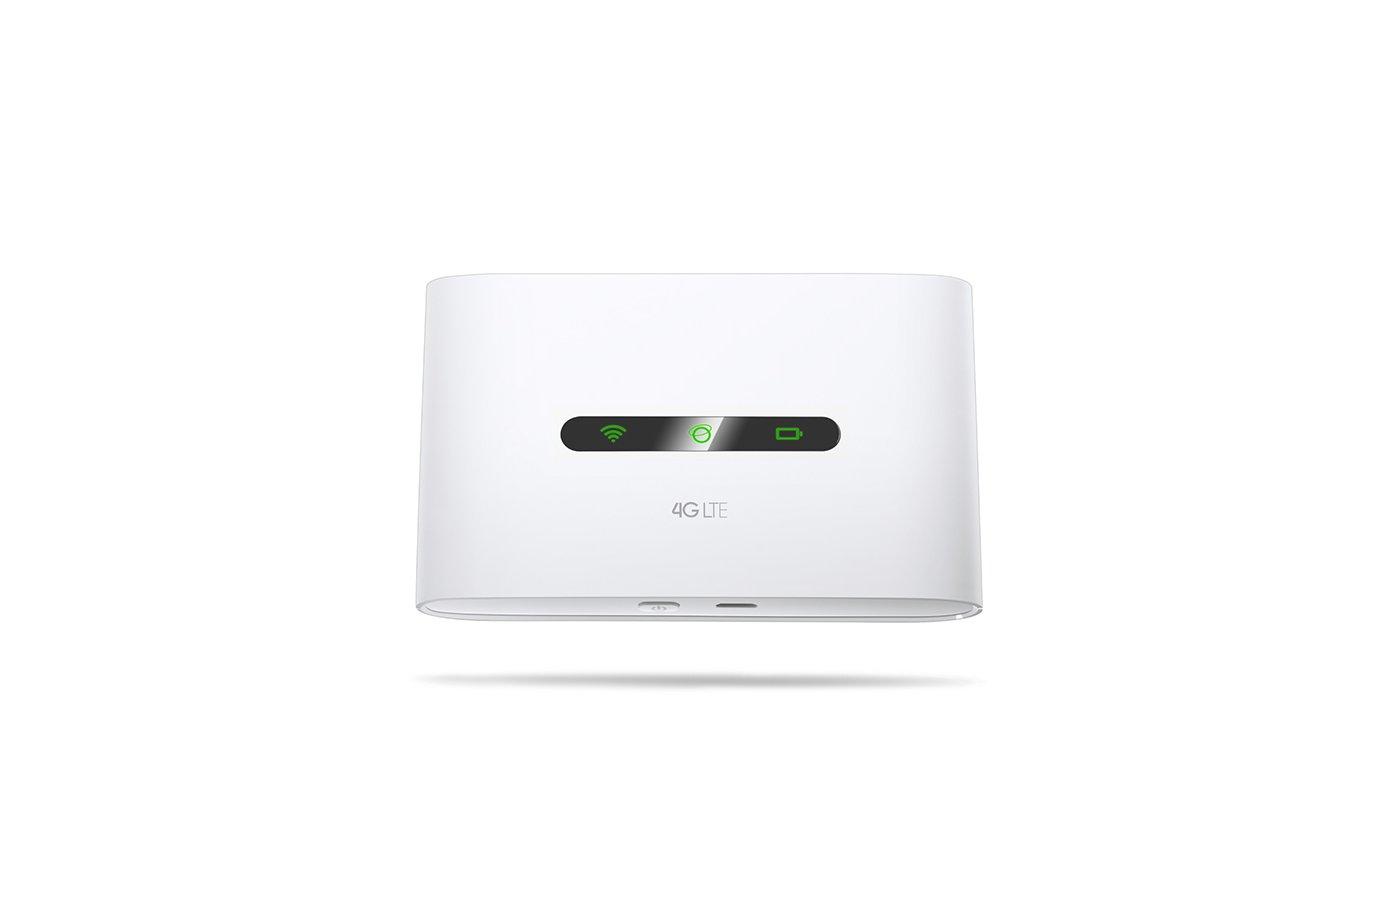 Сетевое оборудование TP-Link M7300 4G